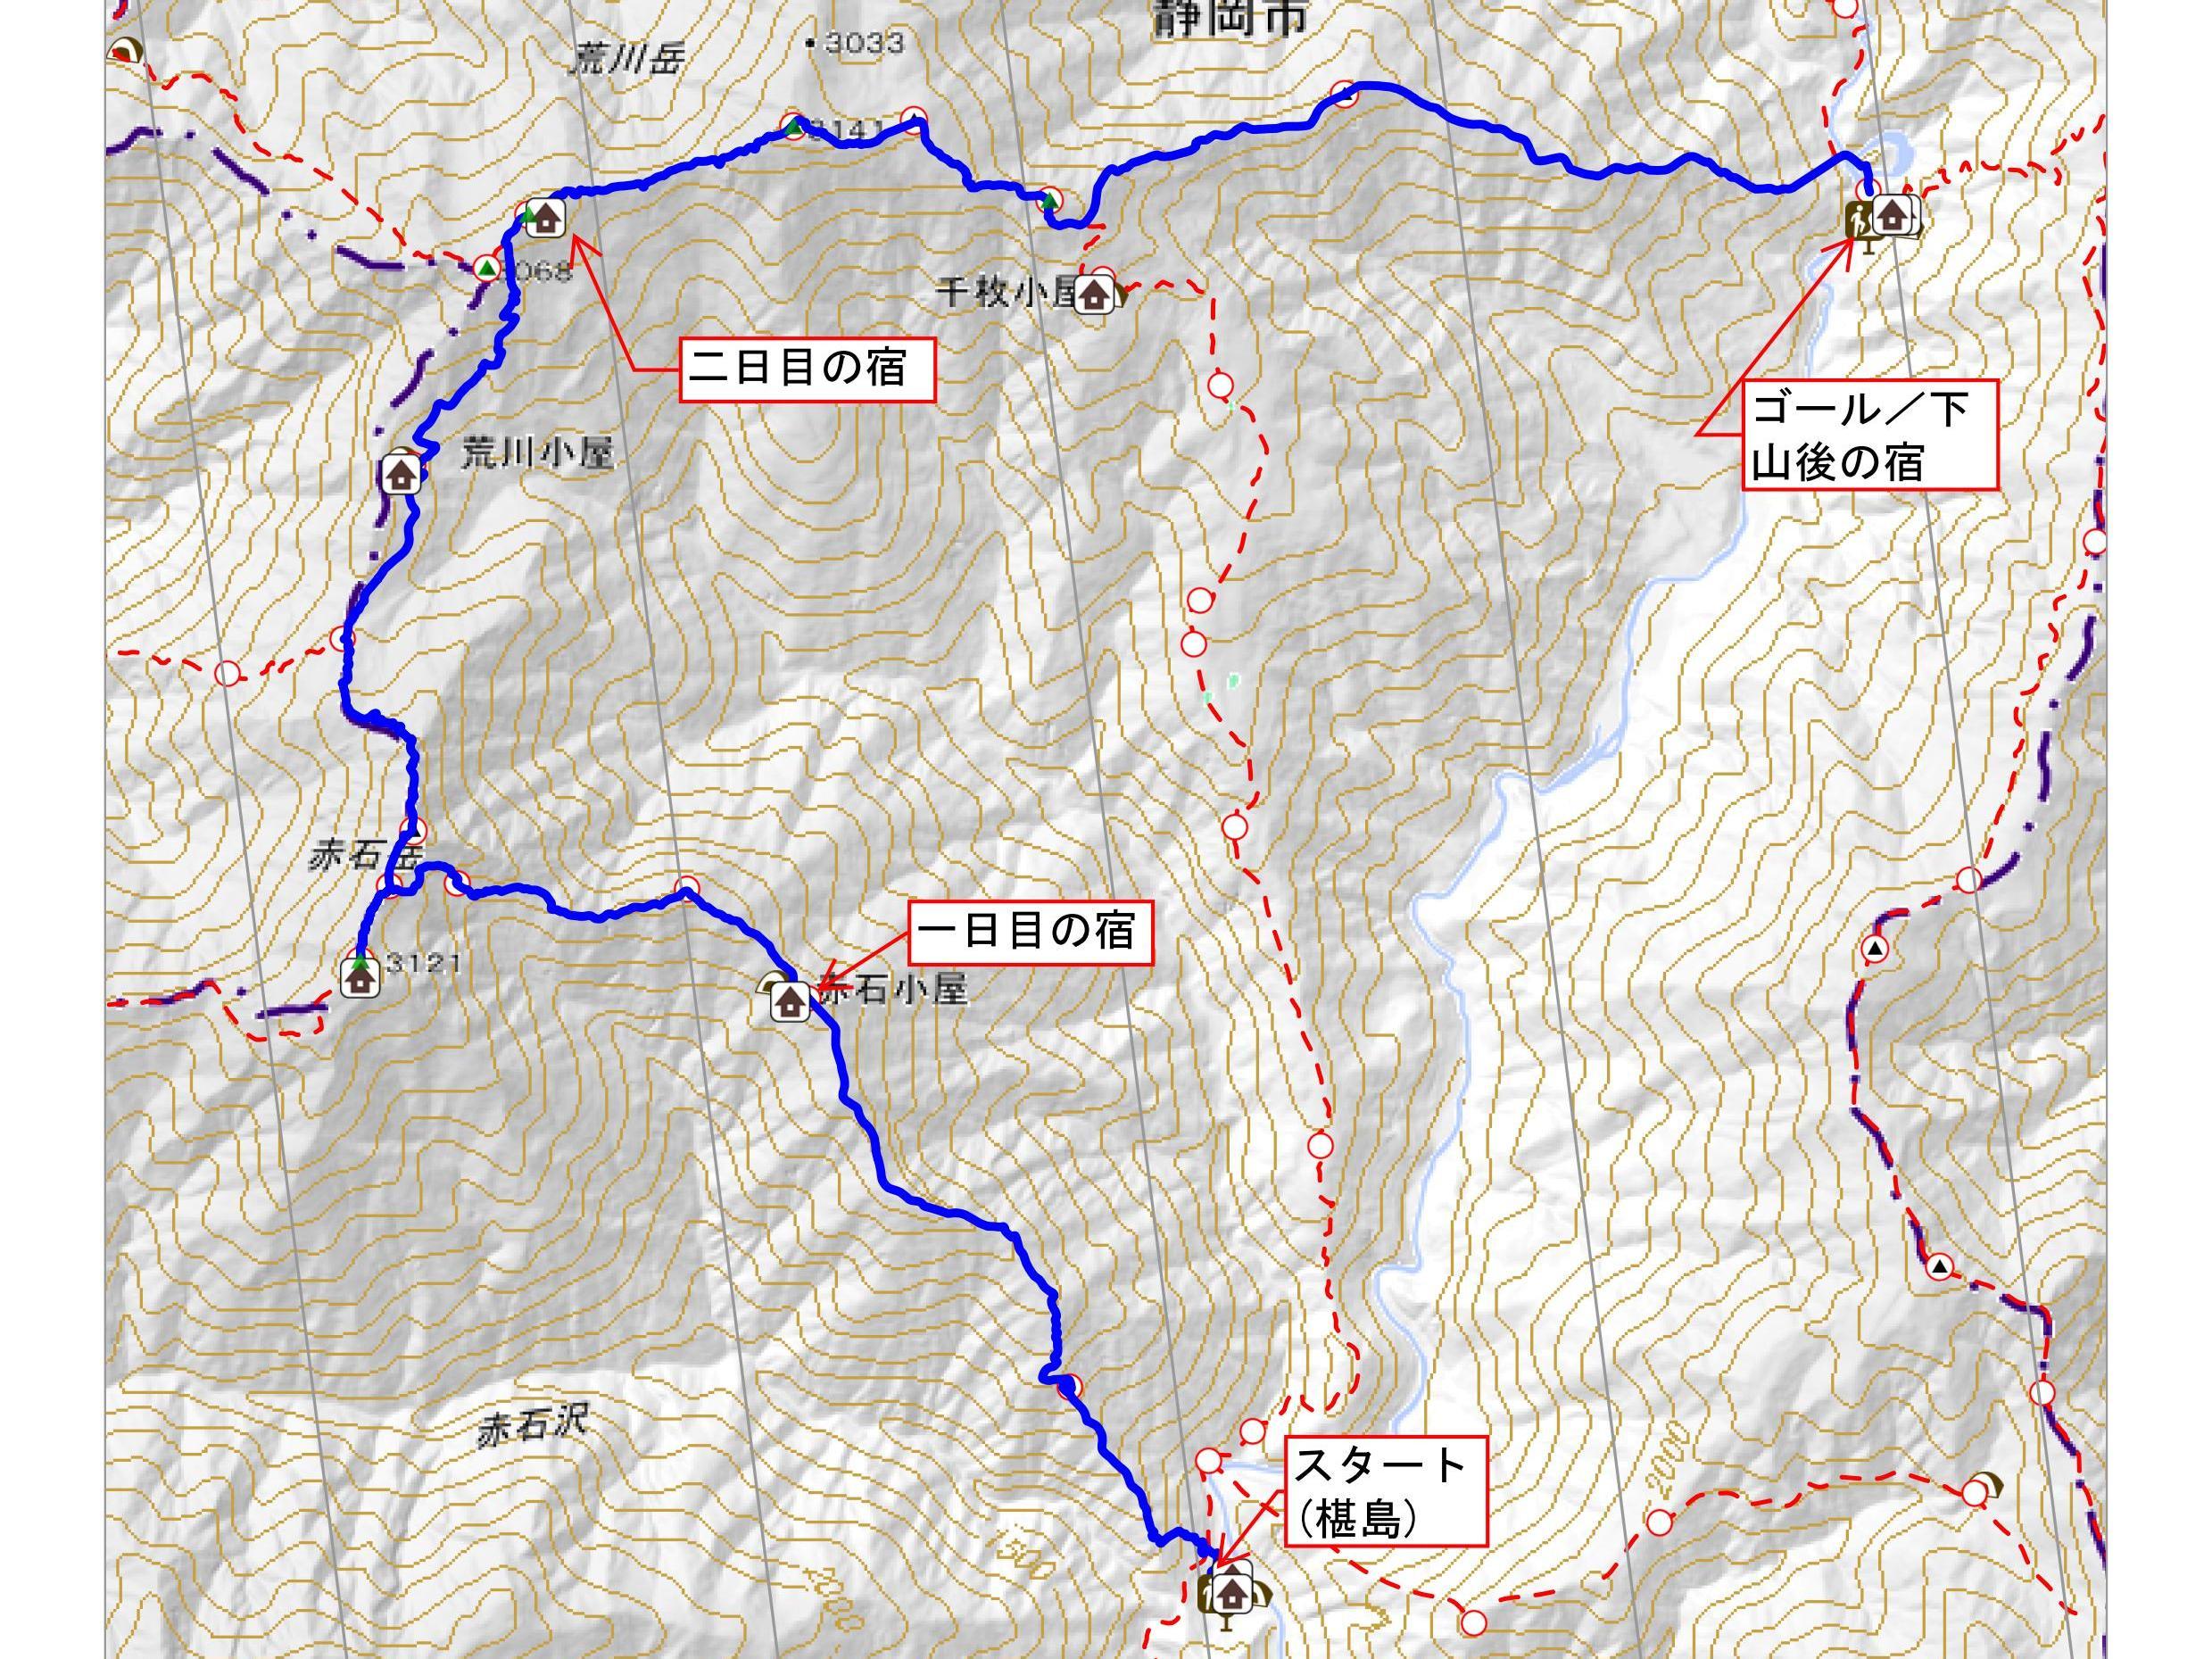 1-コースタイム&登山計画付き登山地図 荒川三山・赤石岳 _01